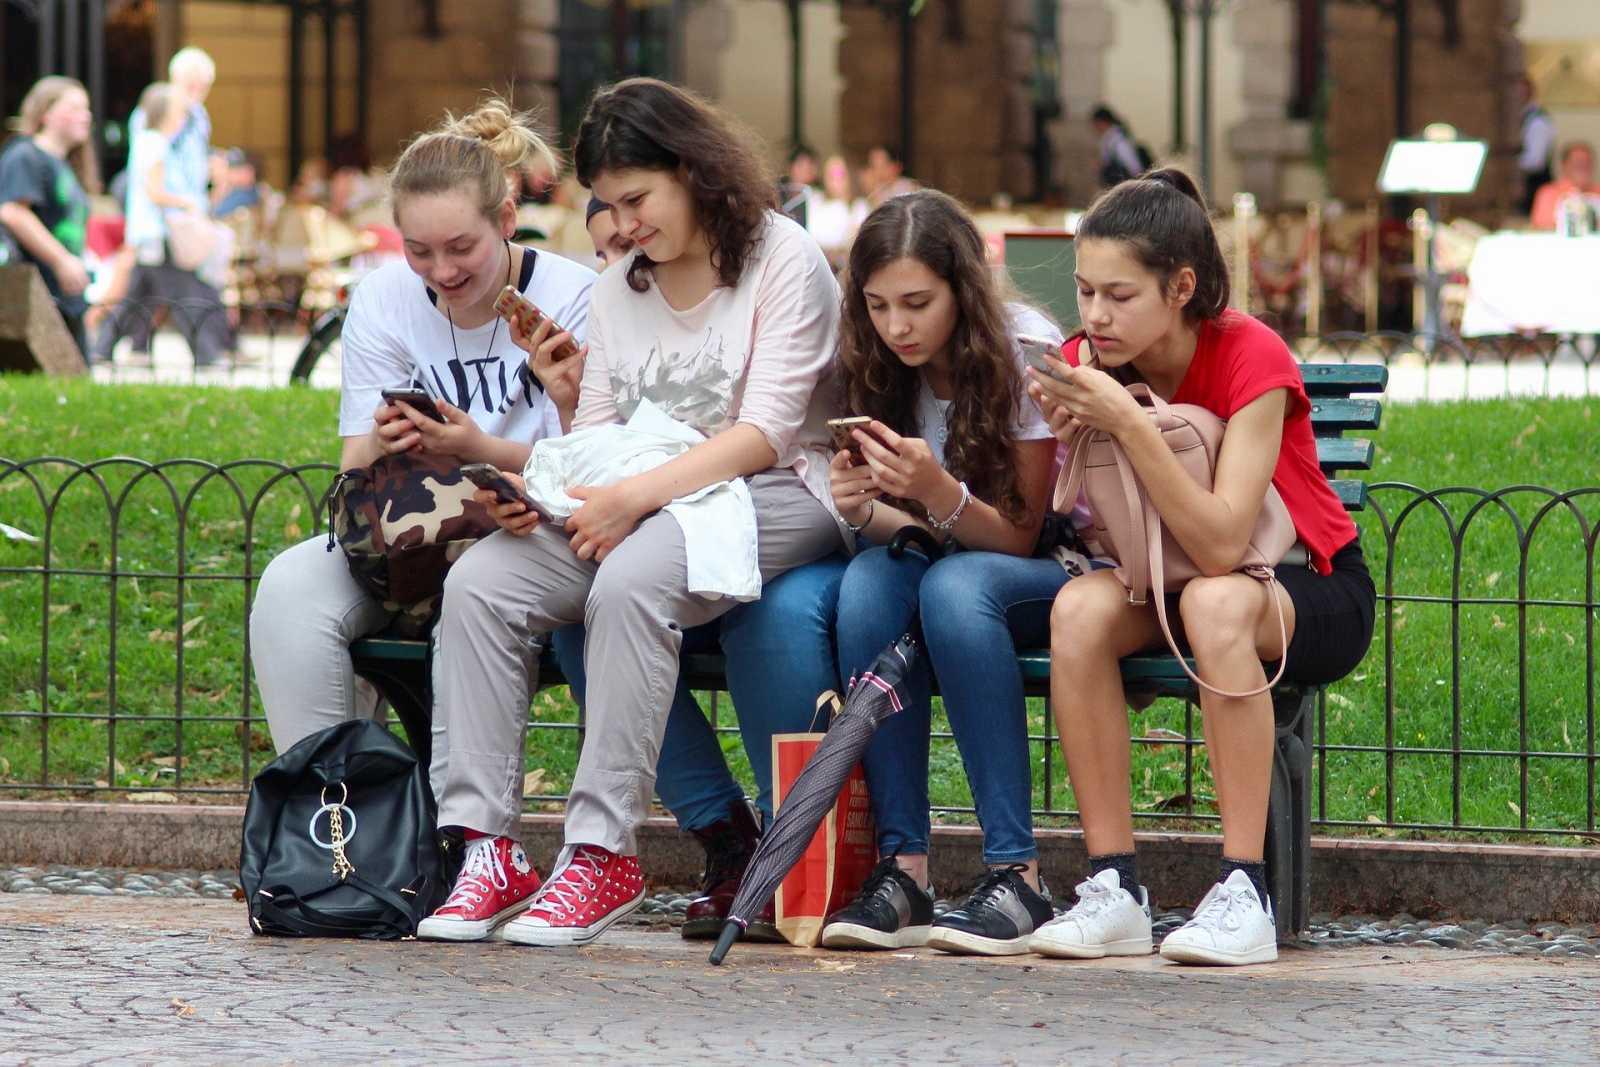 L'Altra Ràdio - Els adolescents, mestres en l'ús d'Instagram